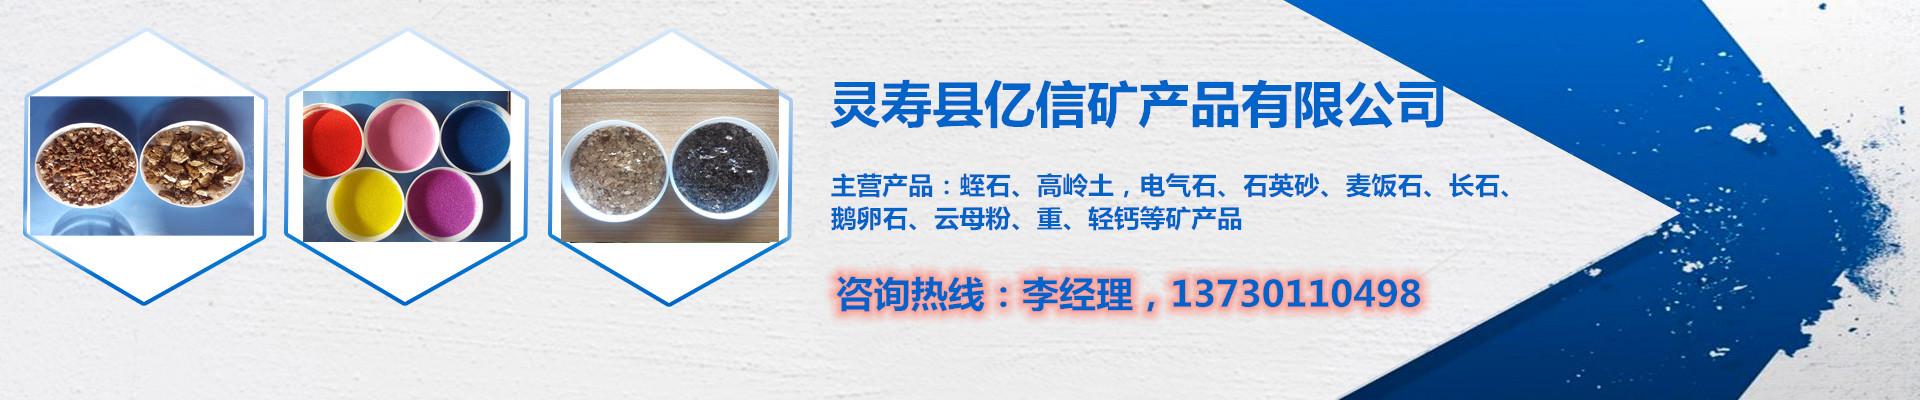 灵寿县亿信矿产品有限公司